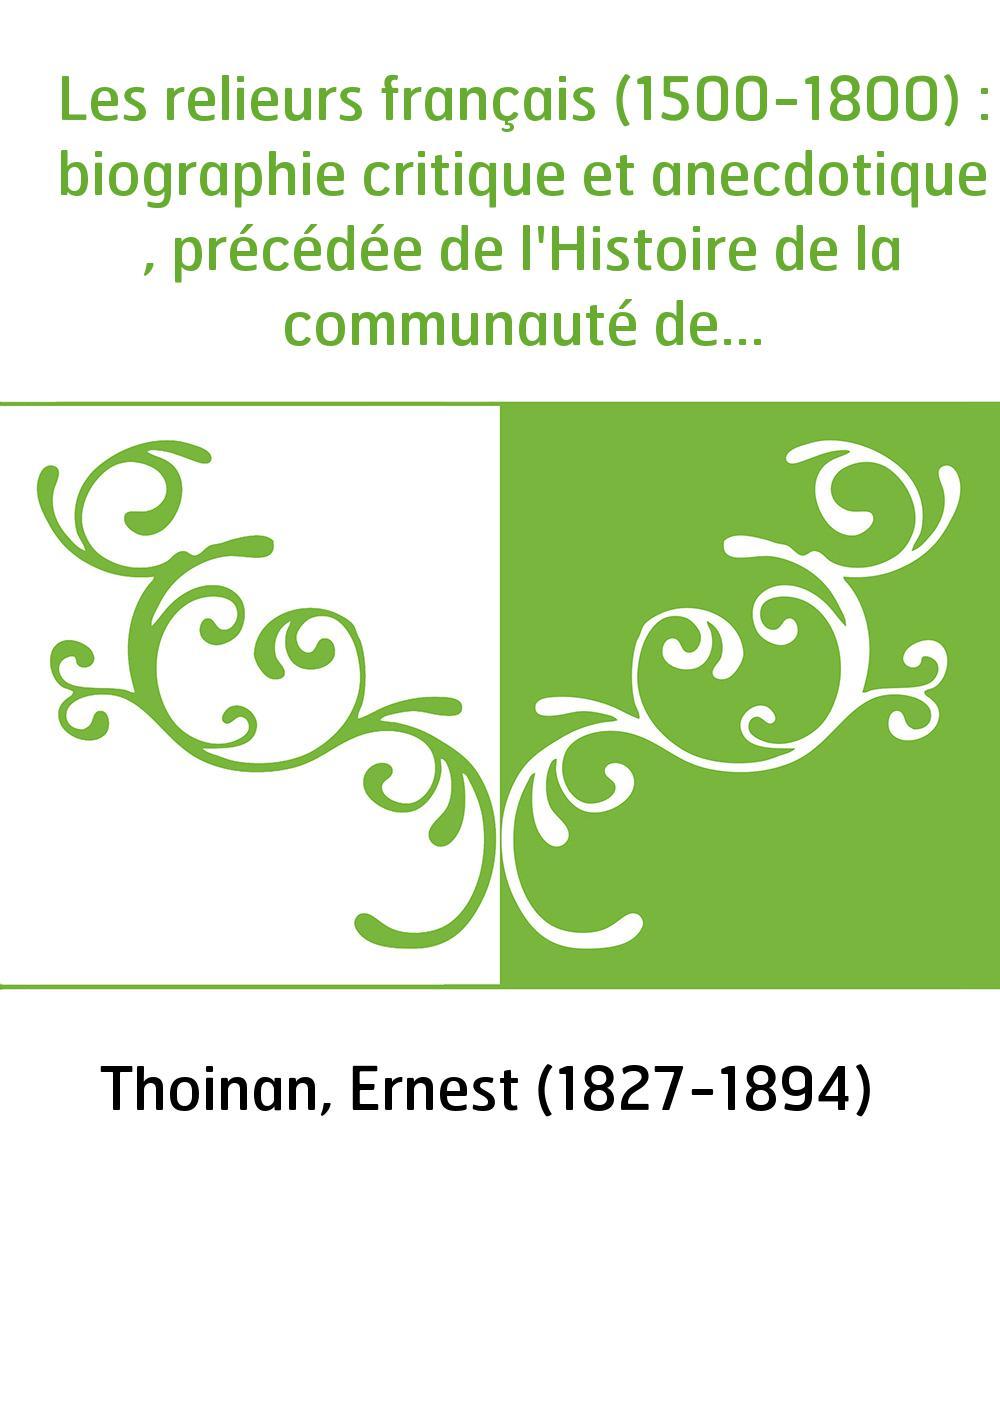 Les relieurs français (1500-1800) : biographie critique et anecdotique , précédée de l'Histoire de la communauté des relieurs et